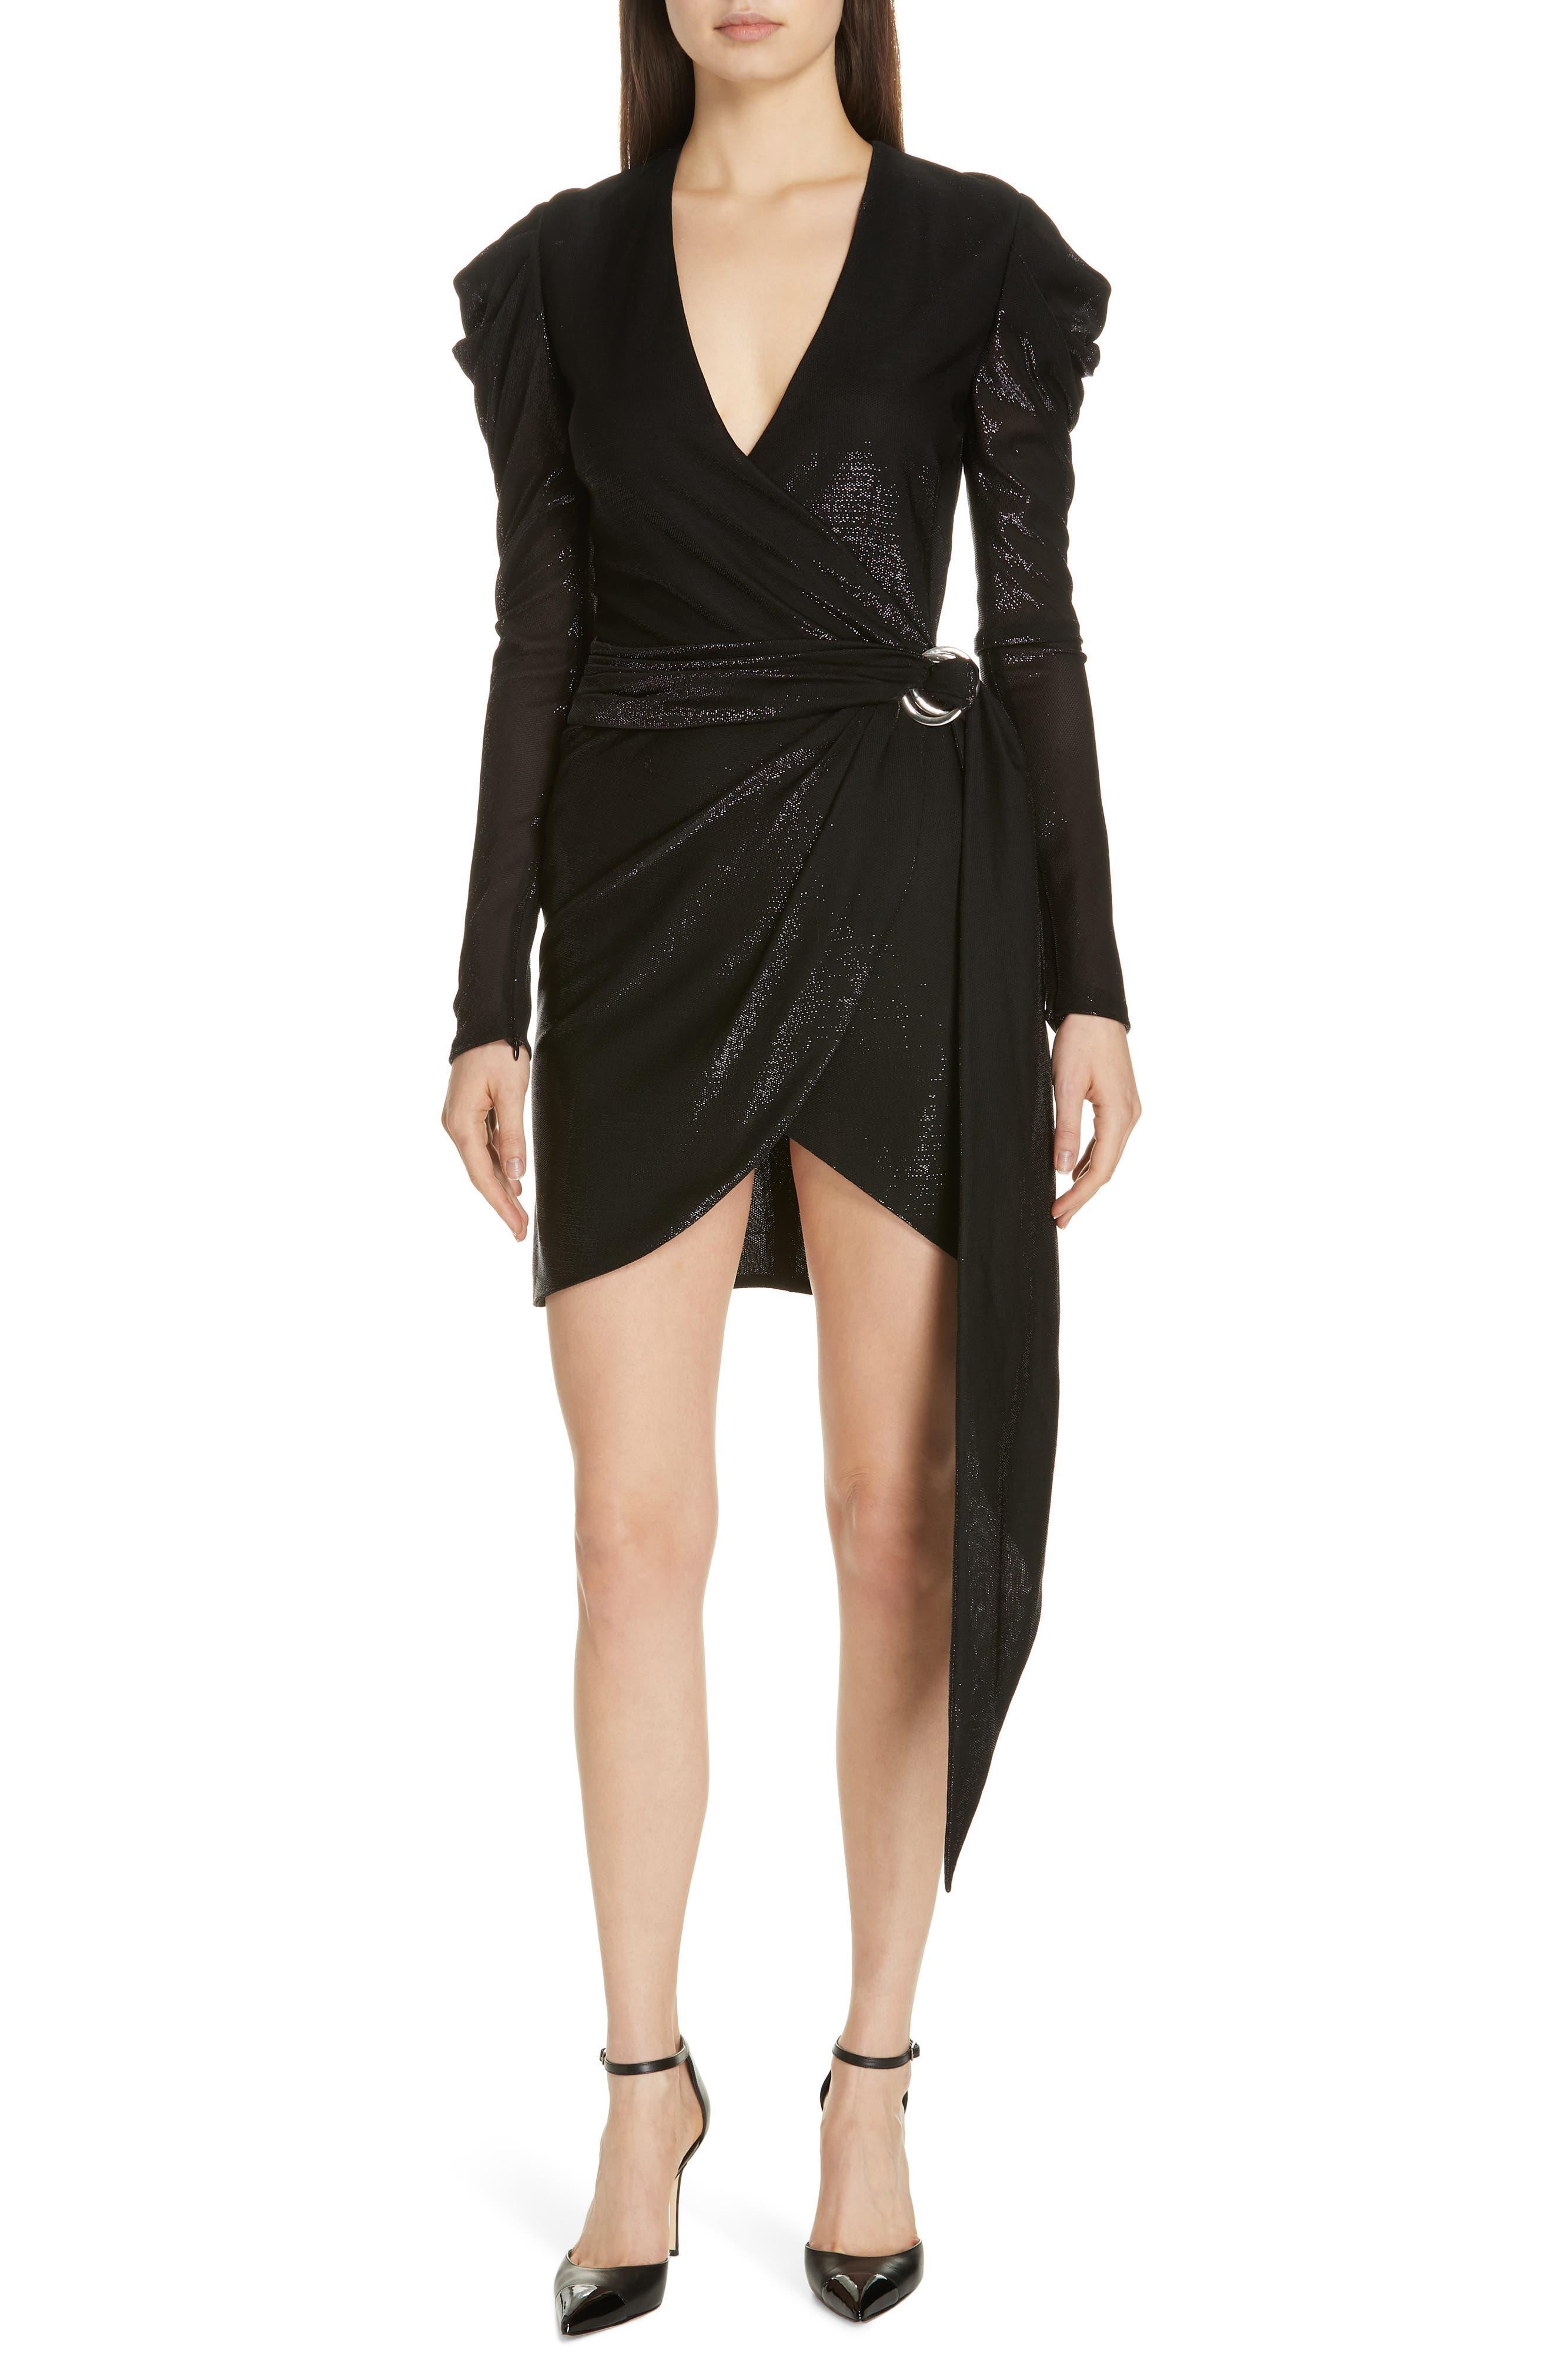 JONATHAN SIMKHAI,                             Metallic Knit Dress,                             Main thumbnail 1, color,                             BLACK